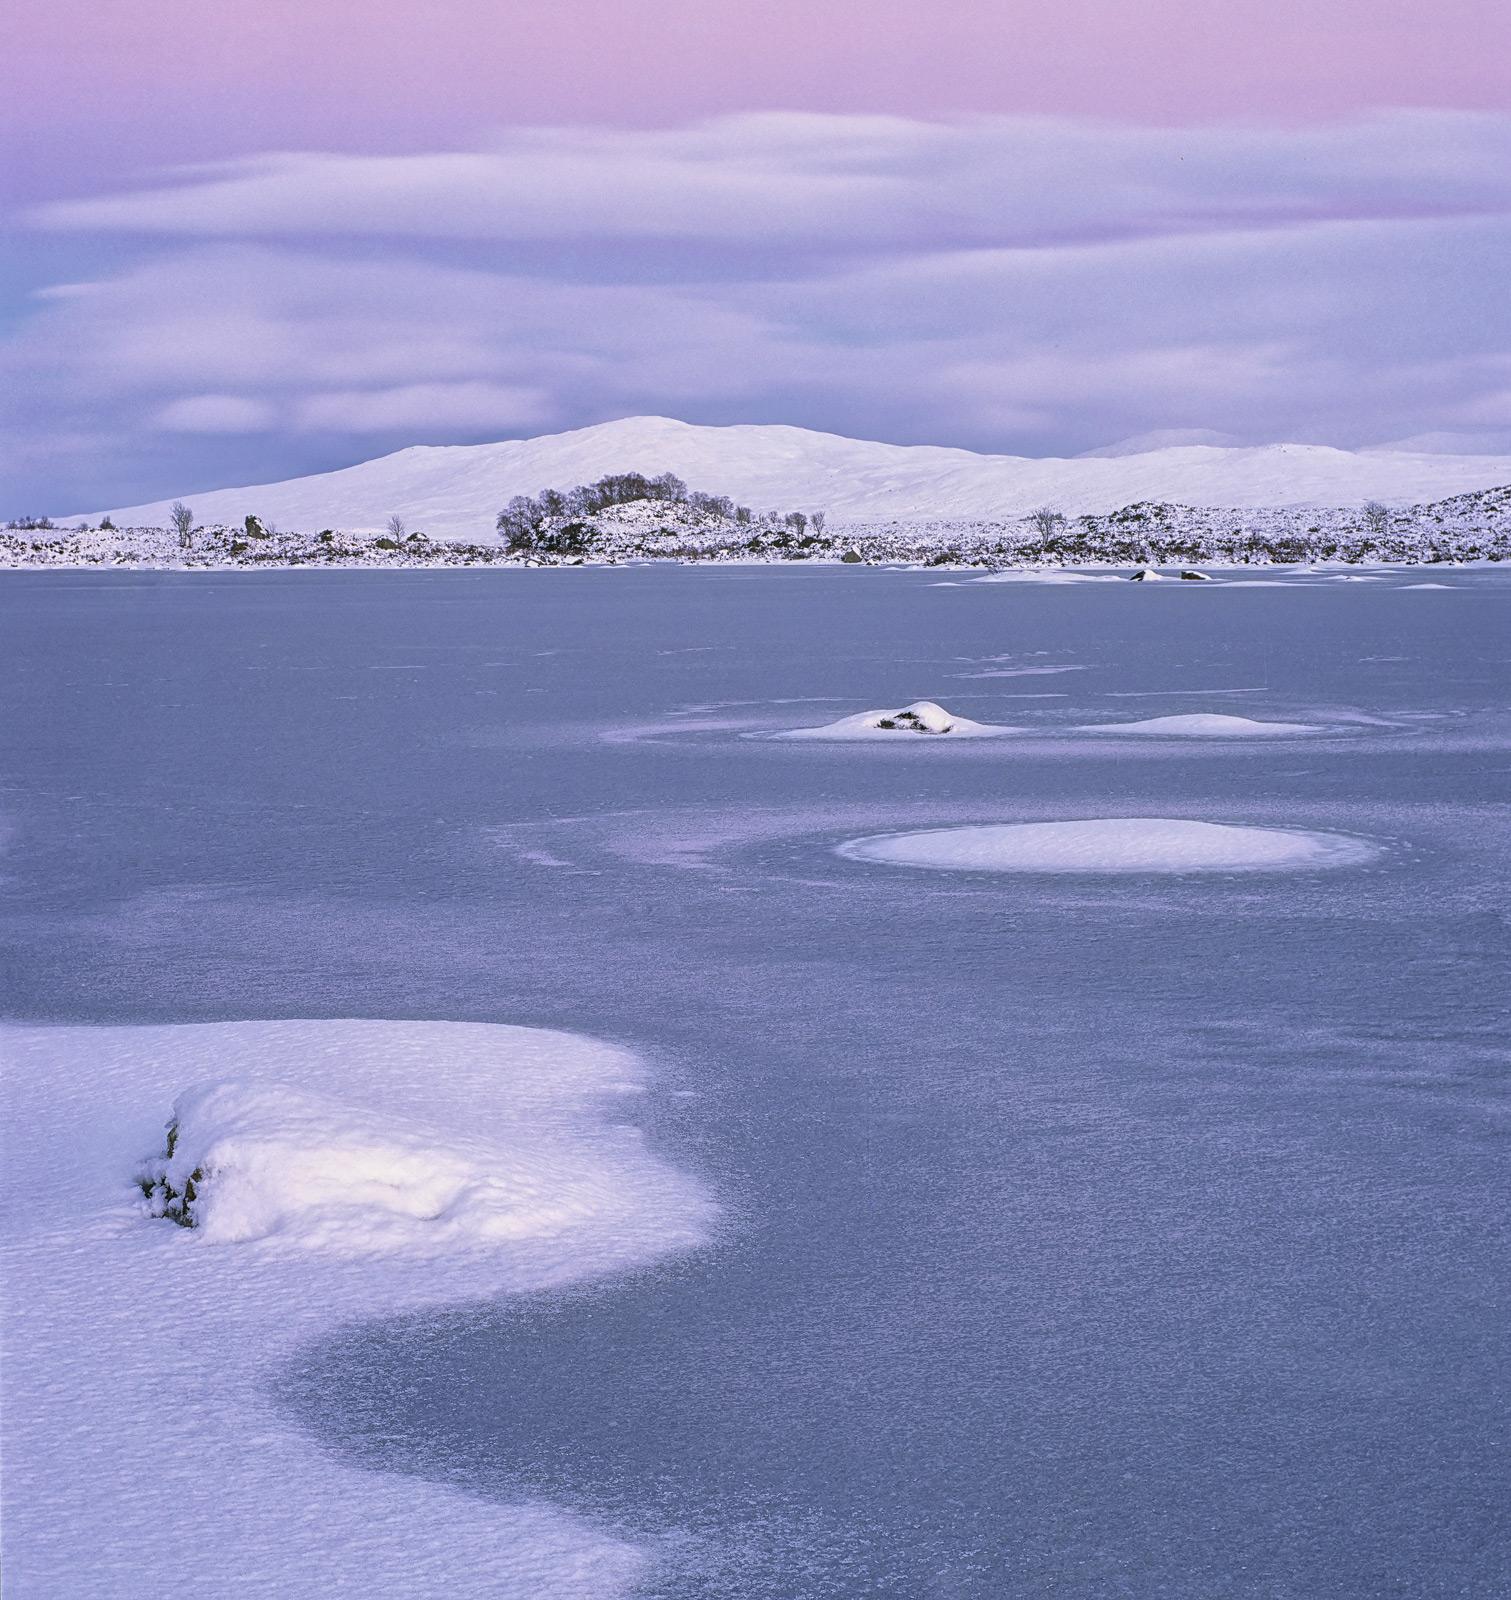 Winter Gloaming Loch Ba, Loch Ba, Rannoch Moor, Scotland, twilight, dusk, pink, blue, steely, bitterness, reflected, sno, photo